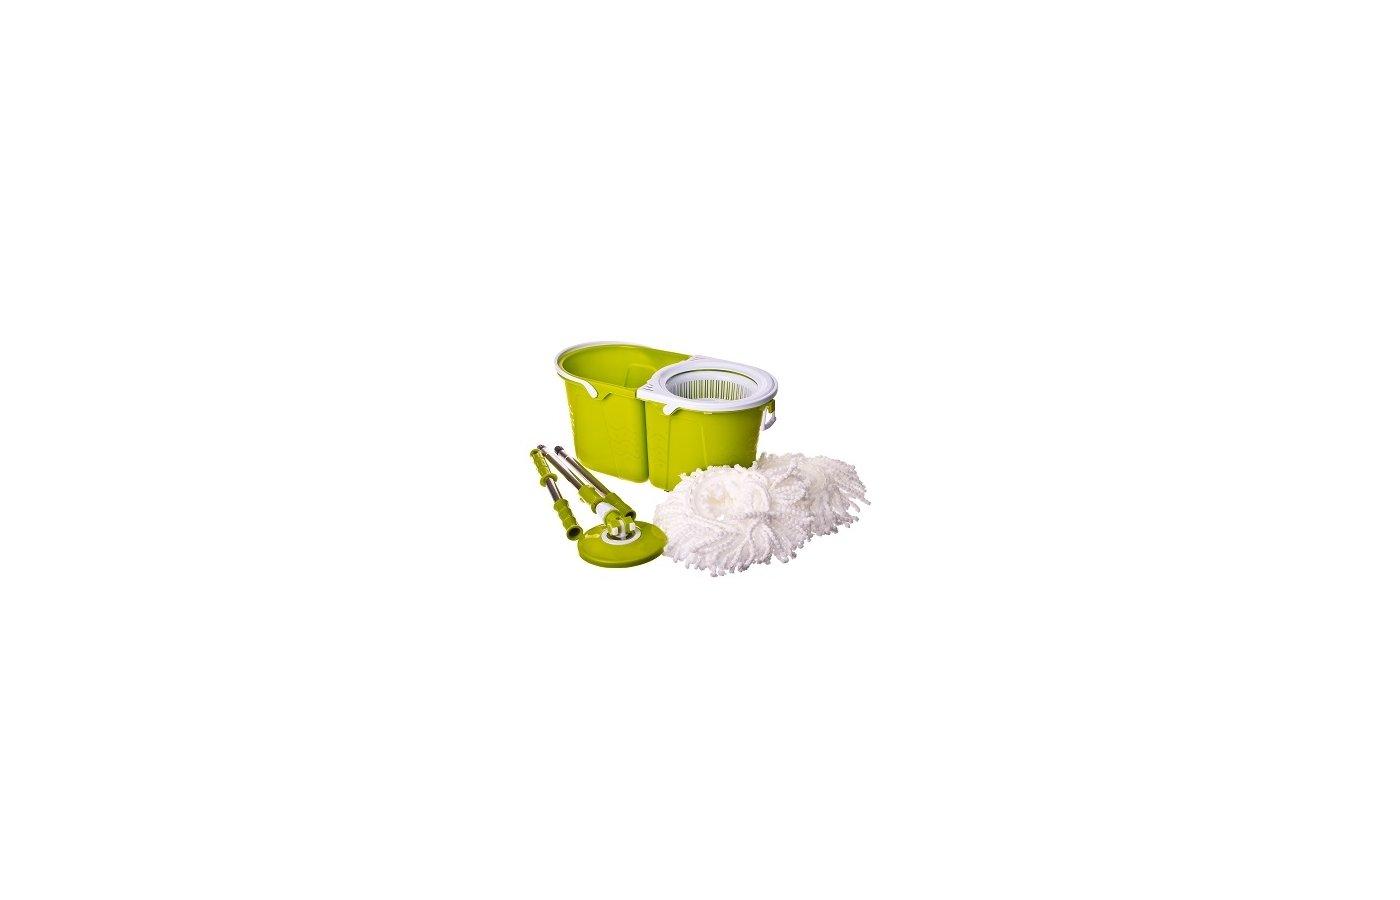 Инвентарь для уборки VETTA 407-007 Комплект для мытья полов МОП разборный 11л 2 насадки